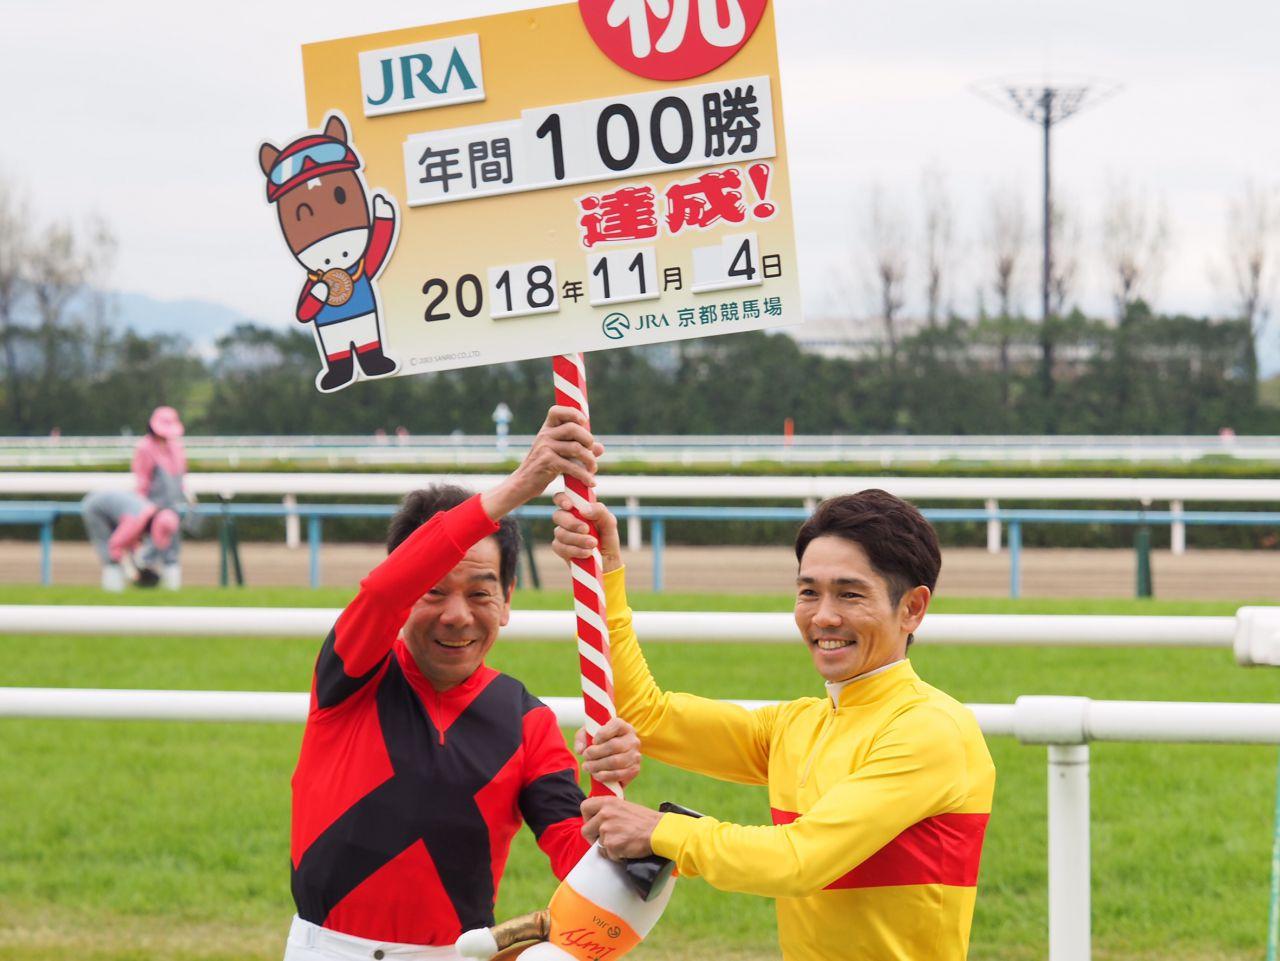 【JBCスプリント】森泰斗「軽いダートが…」レース後 ジョッキーコメント